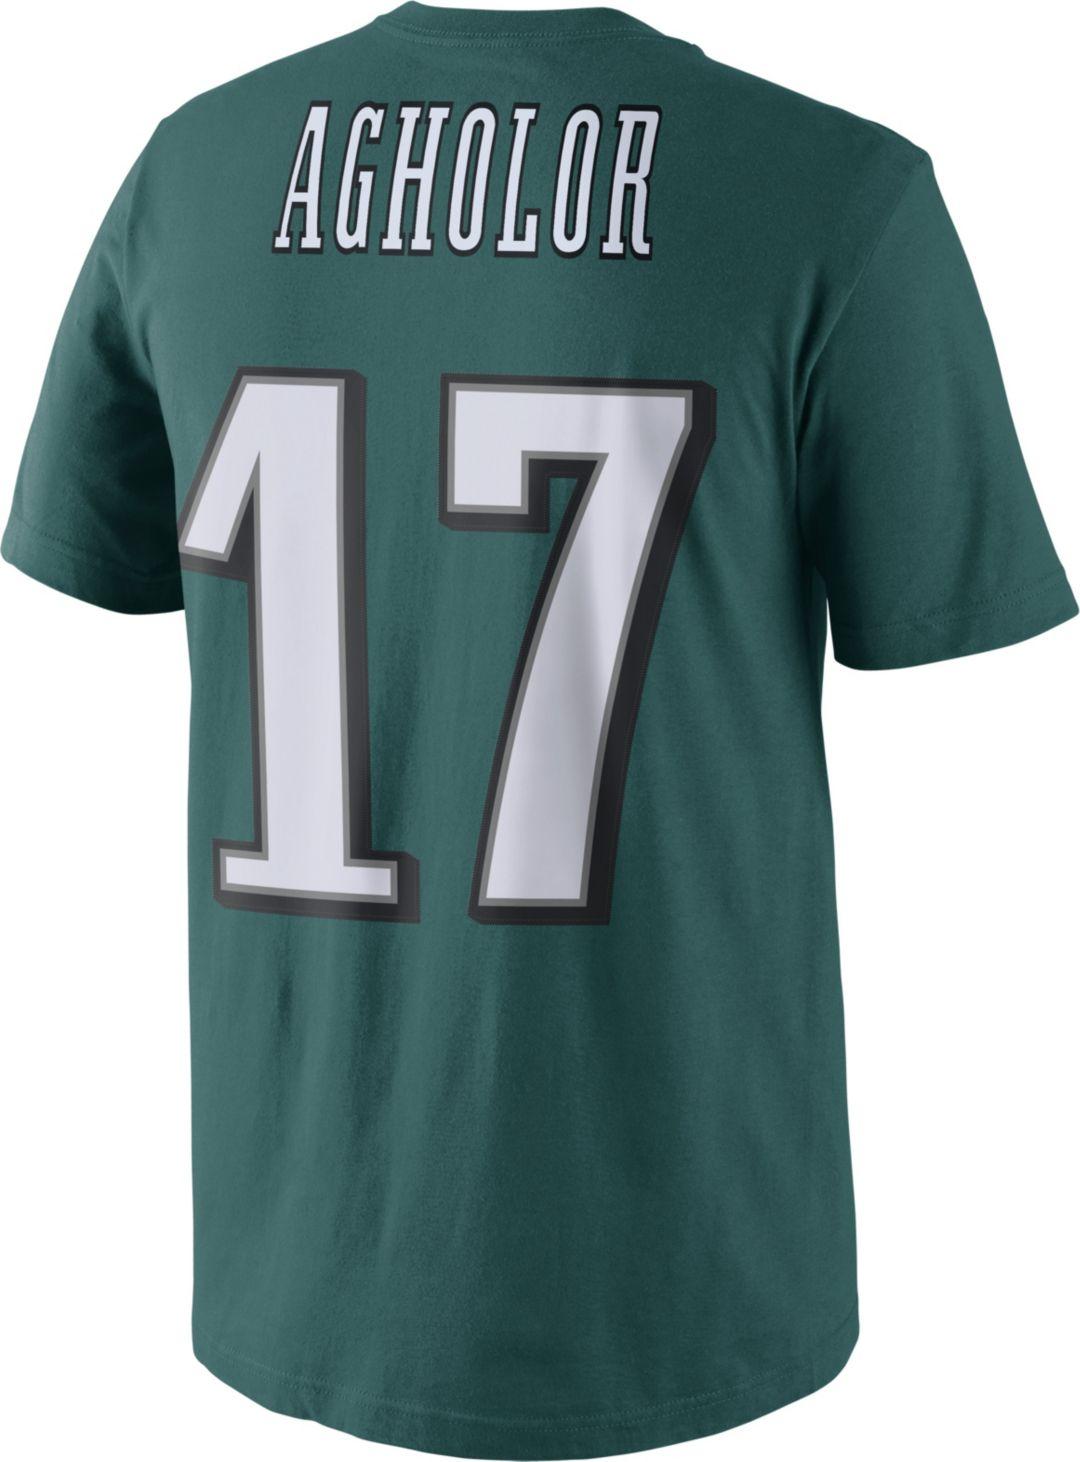 info for 2f57b 94be7 Nike Men's Philadelphia Eagles Nelson Agholor #17 Pride Green T-Shirt